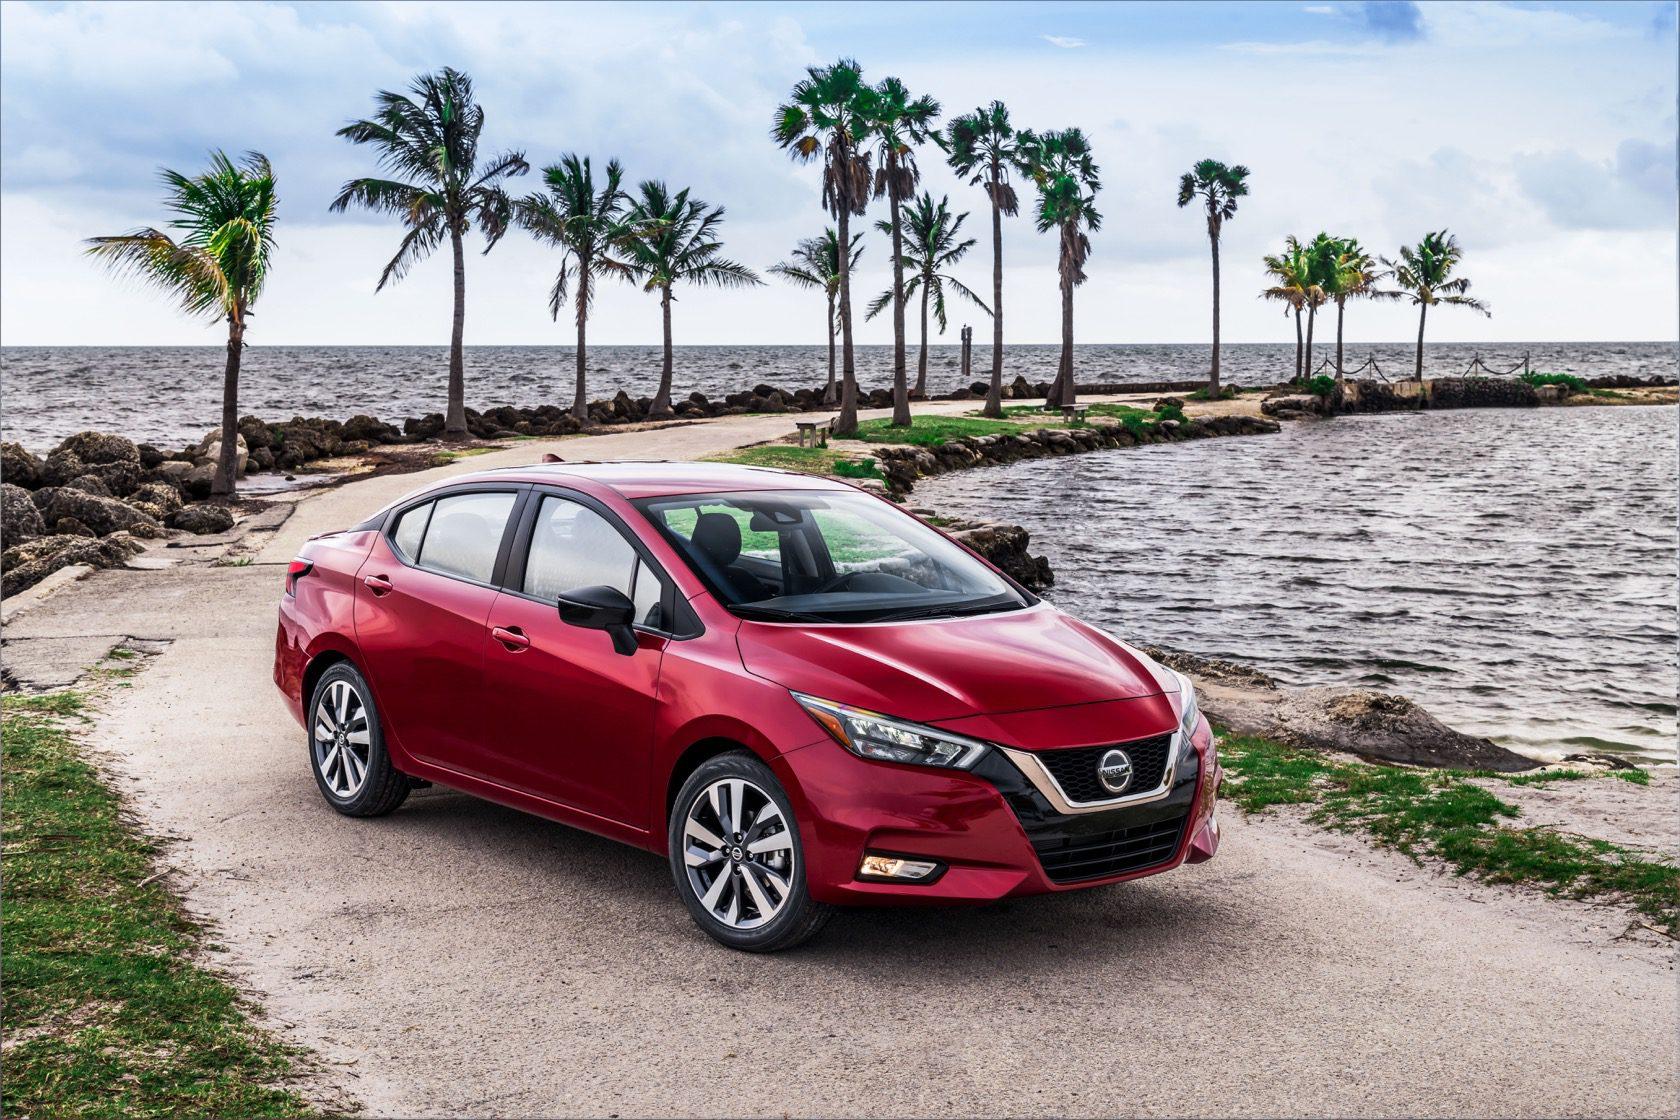 Nissan Versa 2020 adiciona estilo e tecnologia ao subcompacto popular